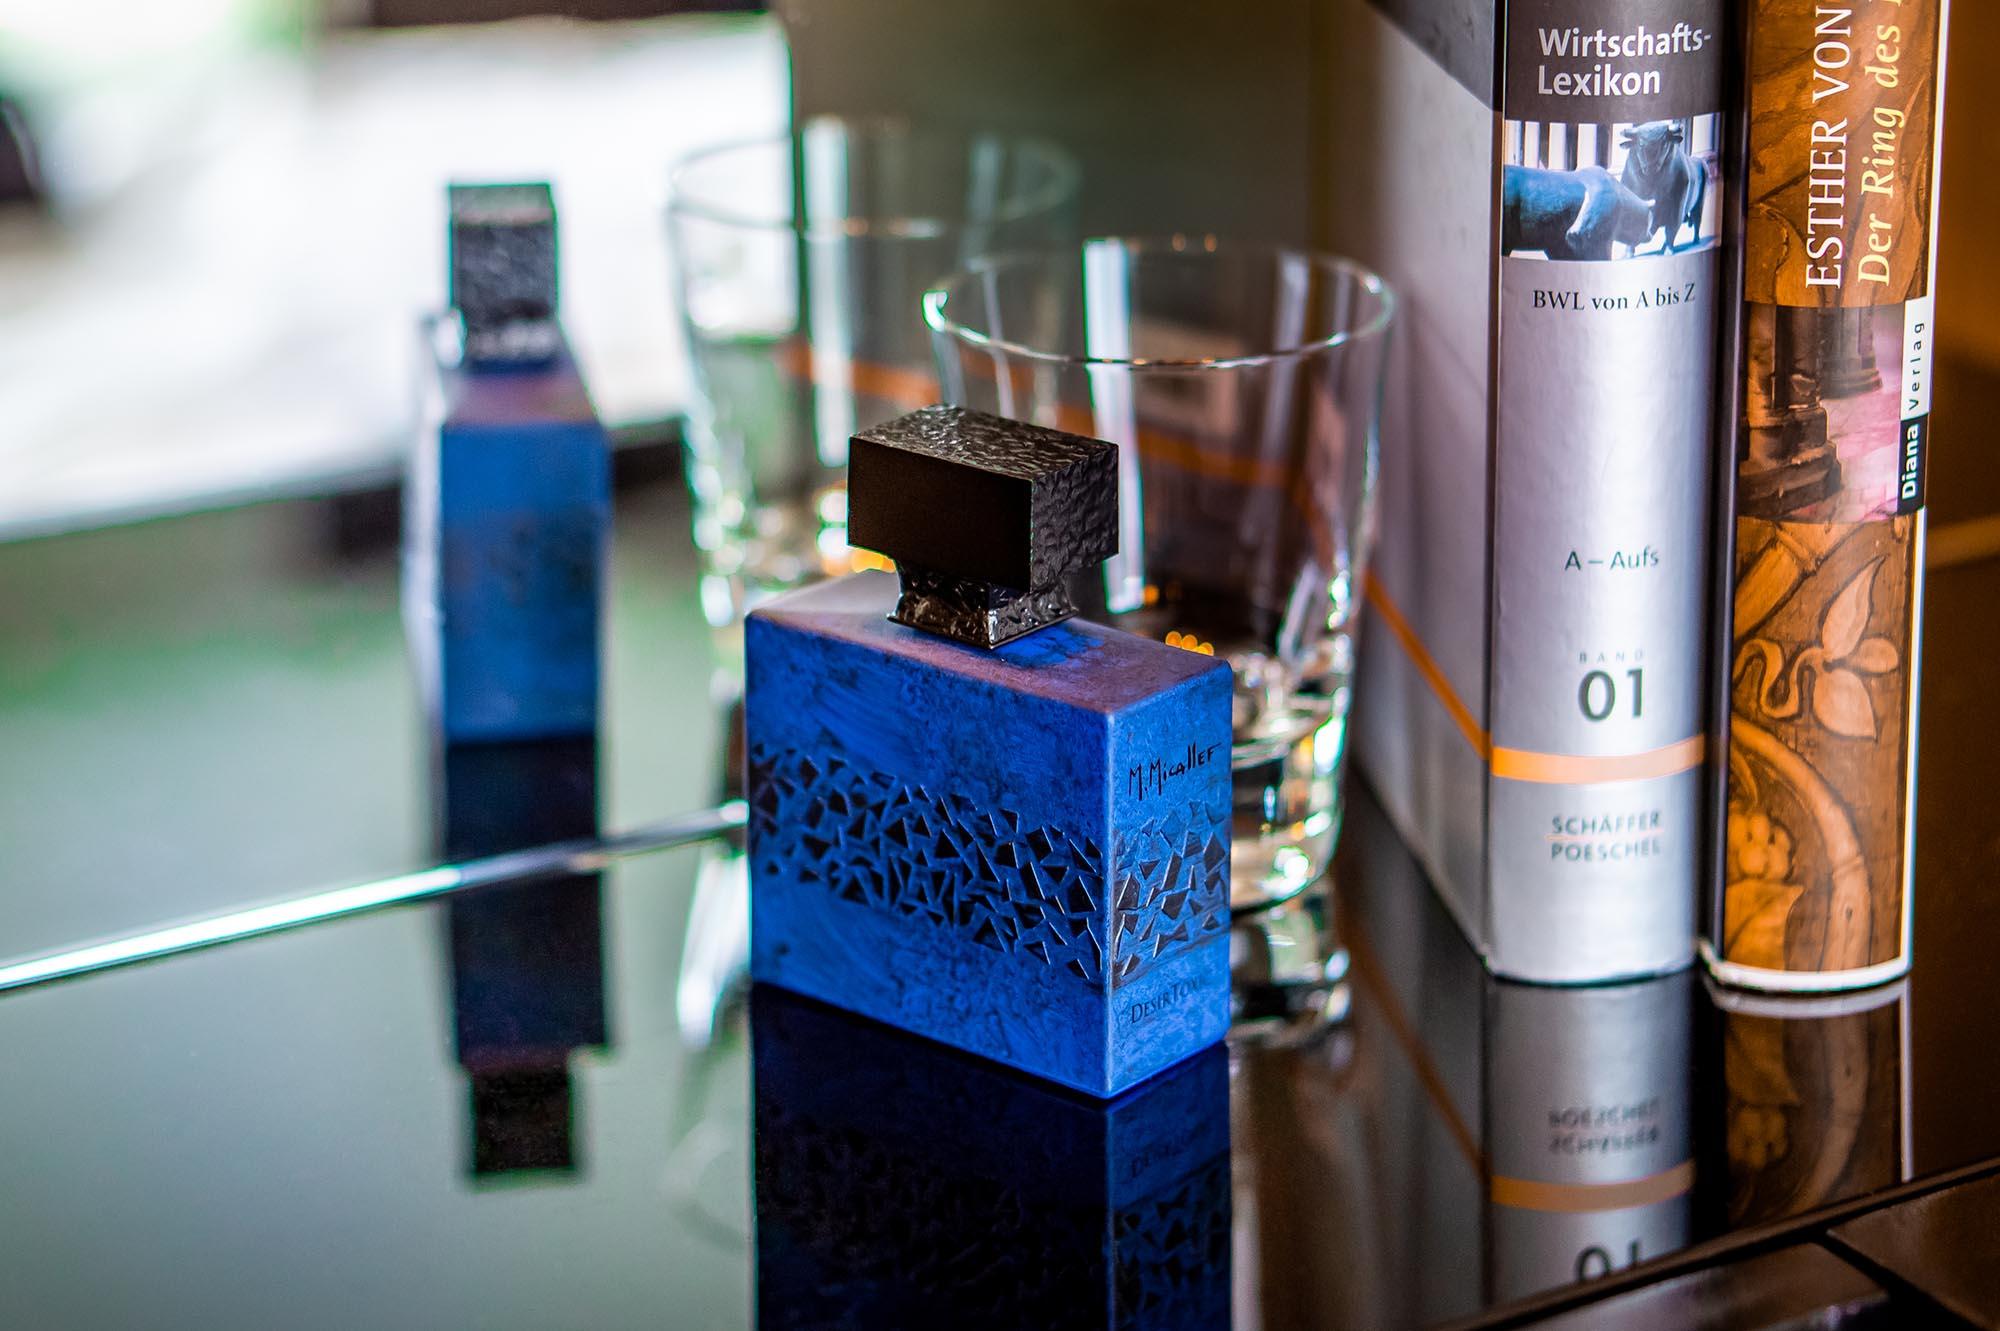 DesirToxic Micallef perfume niche fragrance Parfüm Duft Nischenparfüm нишевая парфюмерия